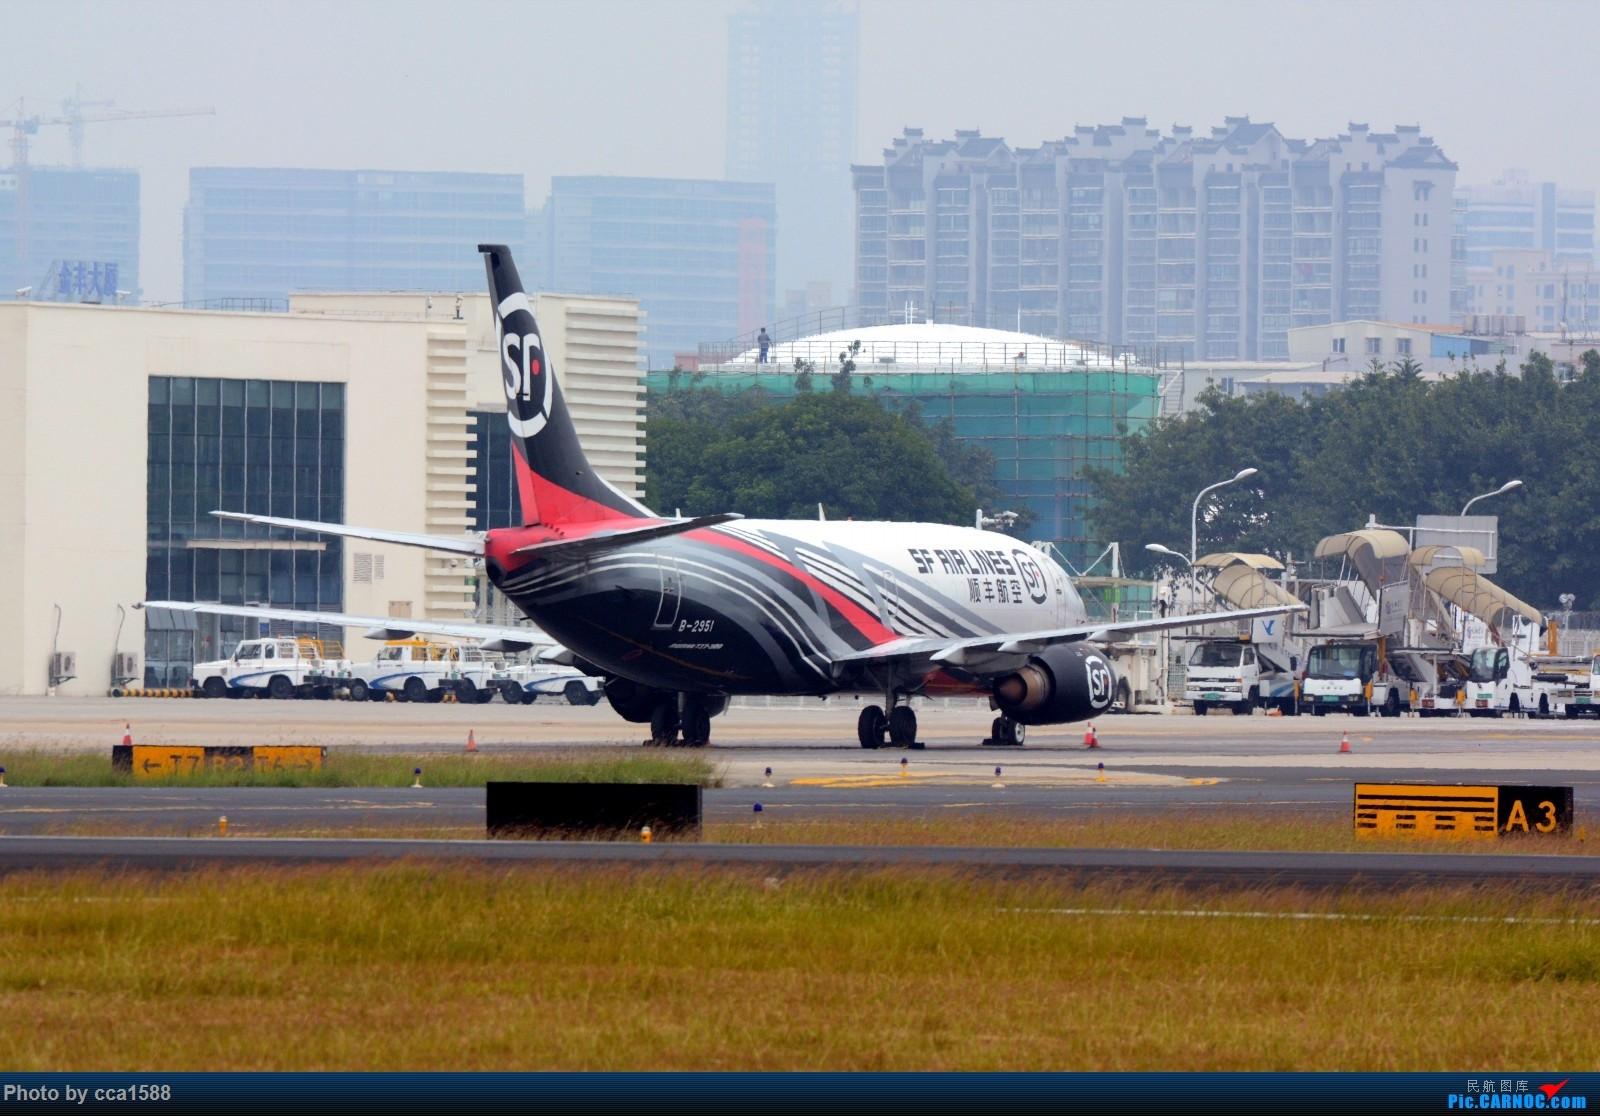 Re:[原创]【福州飞友会】首拍汉莎第一架747-8(厦门的拍机位置真心不好啊) BOEING 737-300 B-2951 中国厦门高崎国际机场